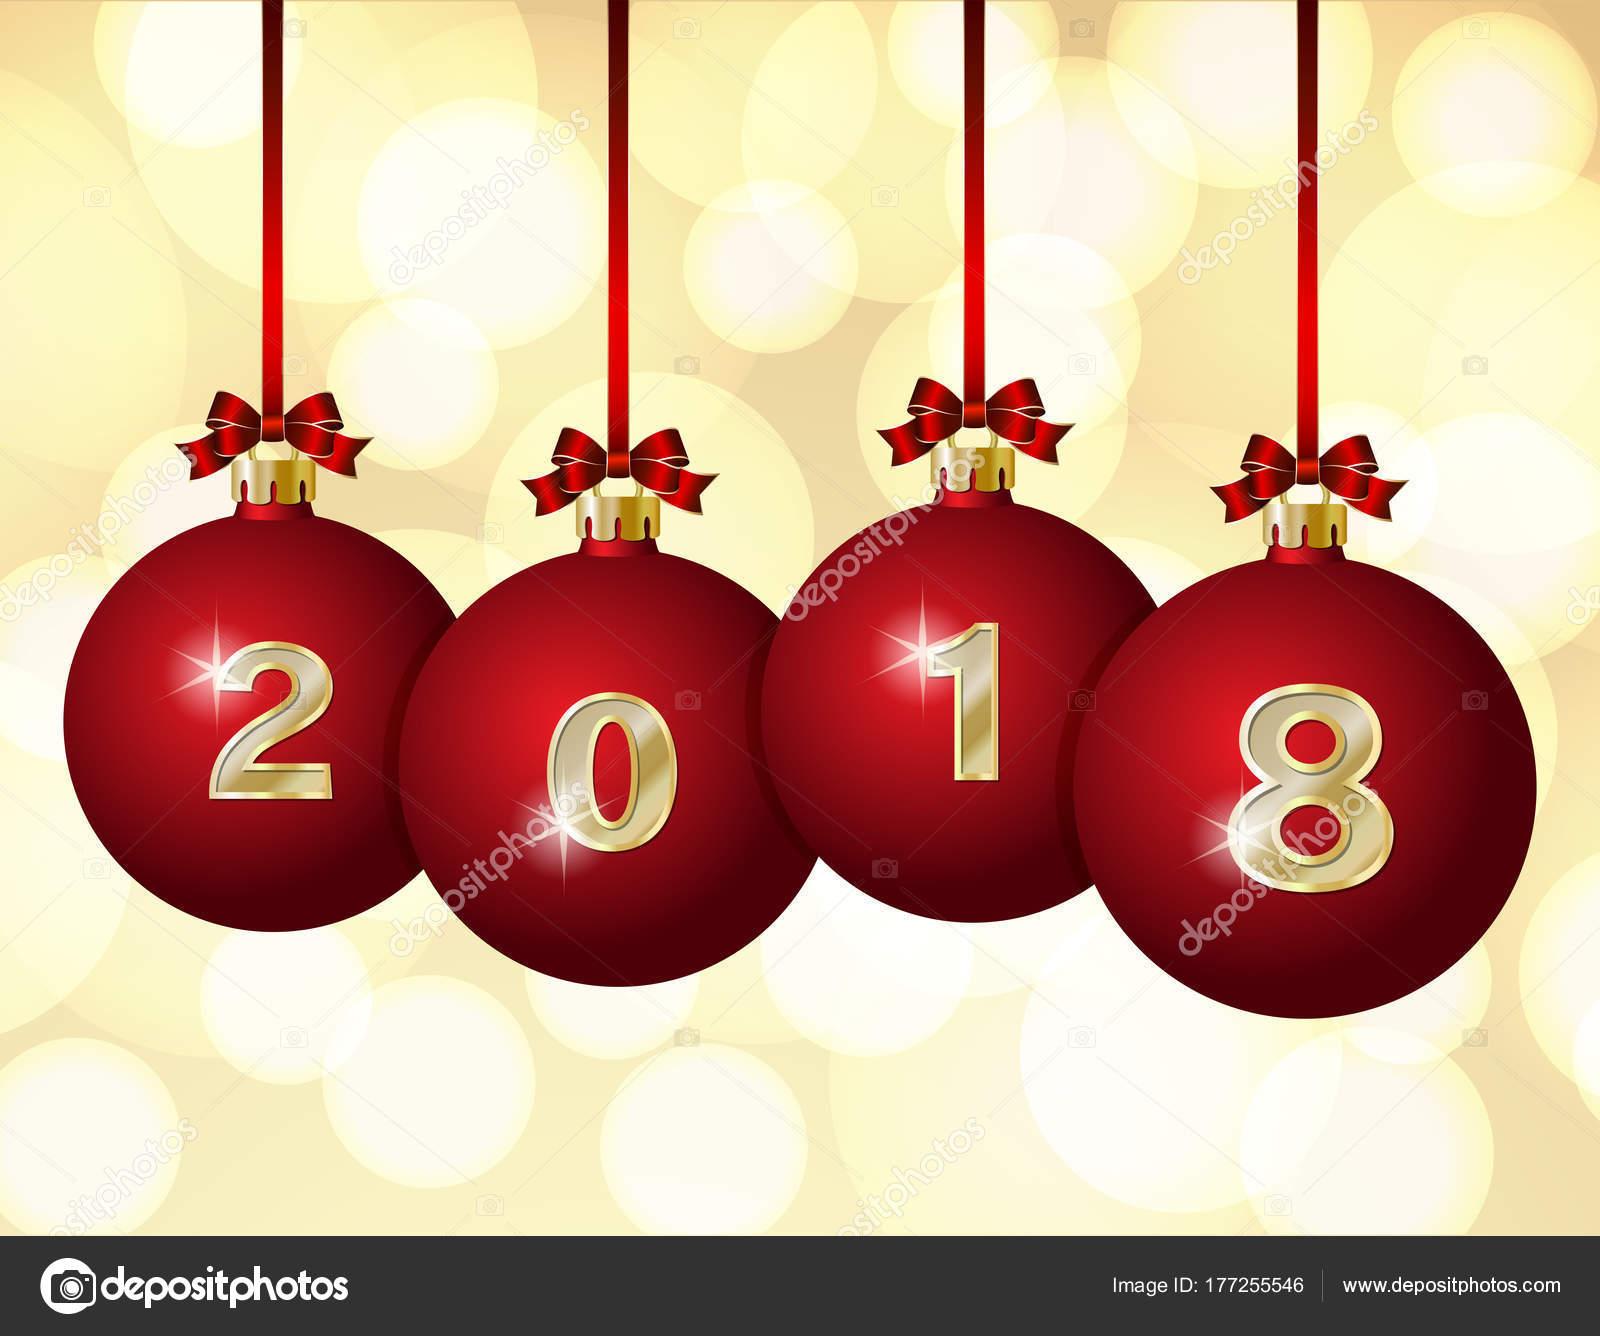 glass christmas balls 2018 stock vector - Glass Christmas Balls